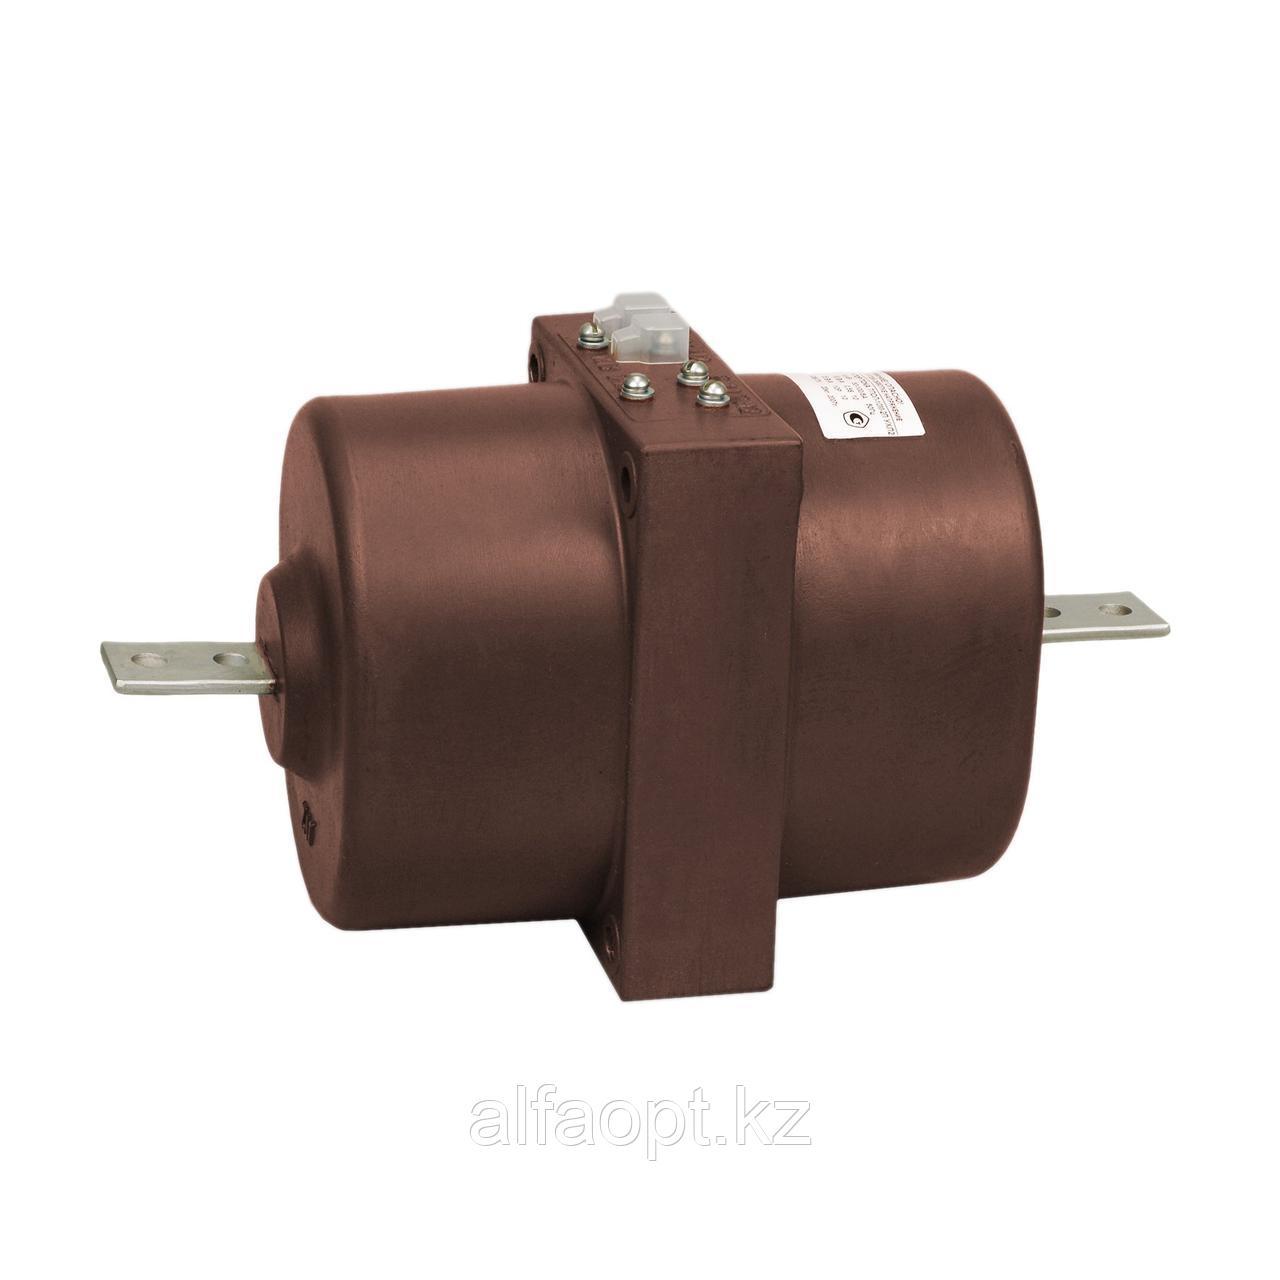 Проходной трансформатор тока ТПОЛ-10-0,2/10Р-1000/5 У3